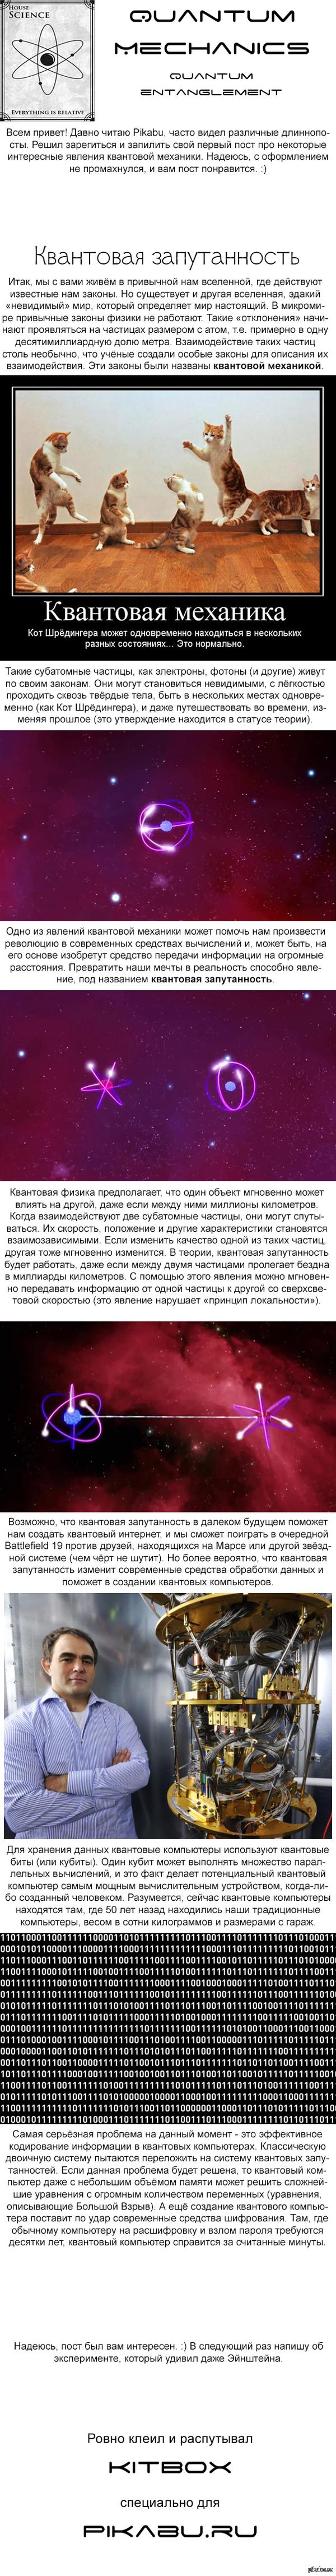 Квантовая механика - квантовая запутанность Среднепост о квантовой запутанности и как она повлияет на наш мир  квантовая механика, квантовая запутанность, среднепост, длиннопост